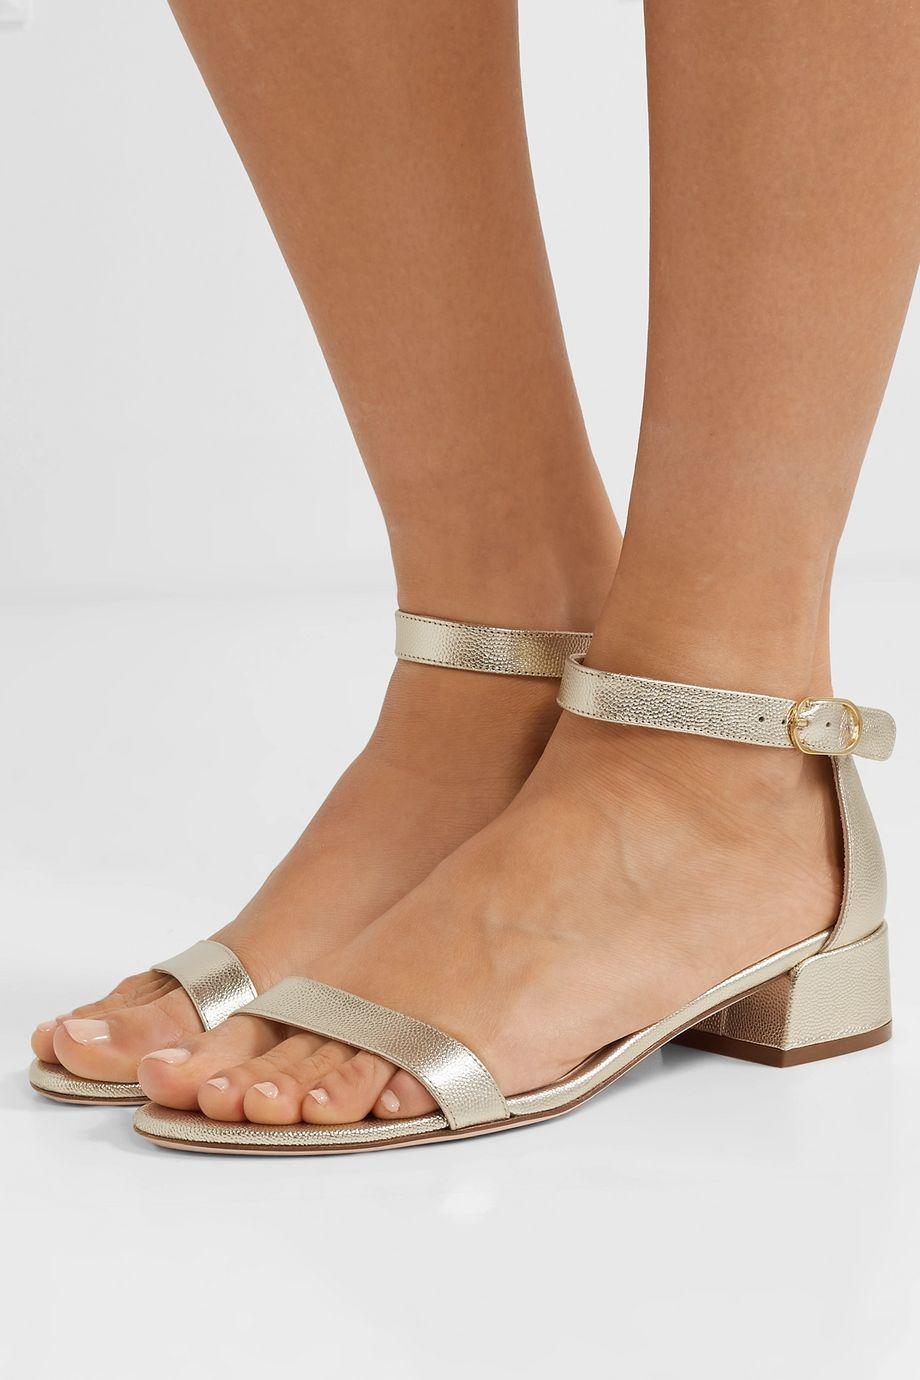 Stuart Weitzman NudistJune metallic textured-leather sandals